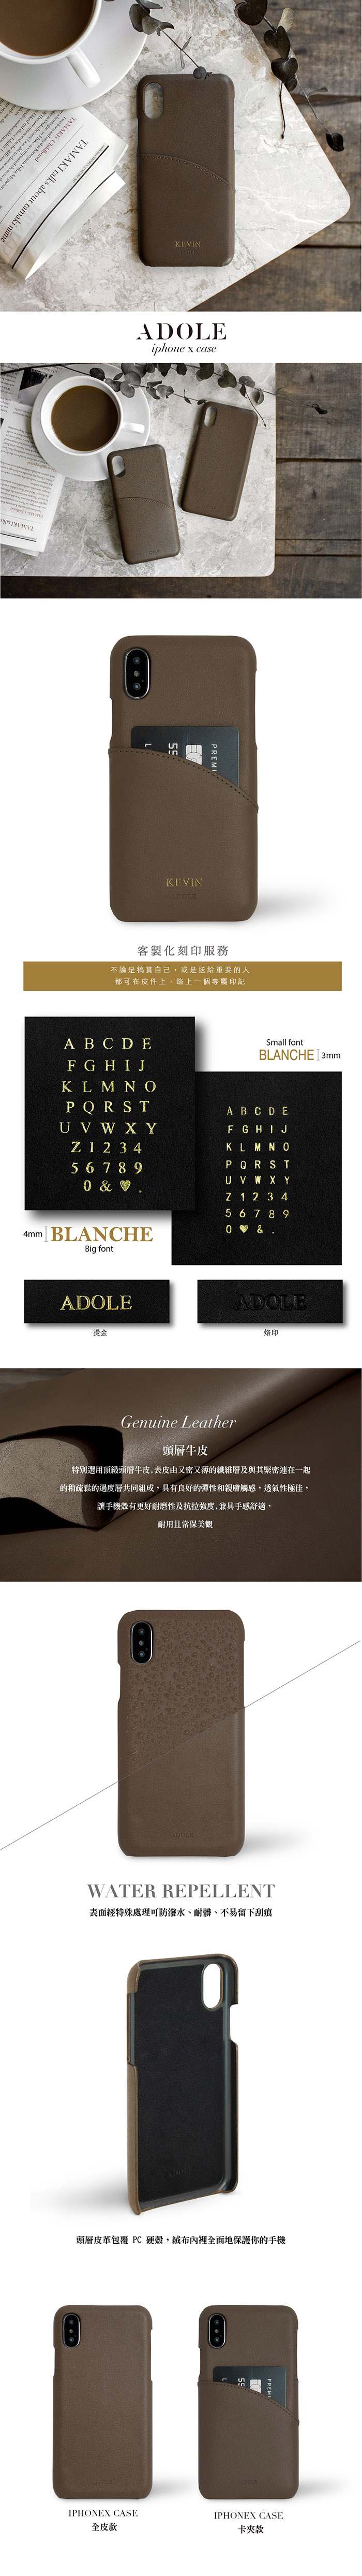 (複製)可刻字iPhone X 5.8吋真皮防潑水手機殼-棕